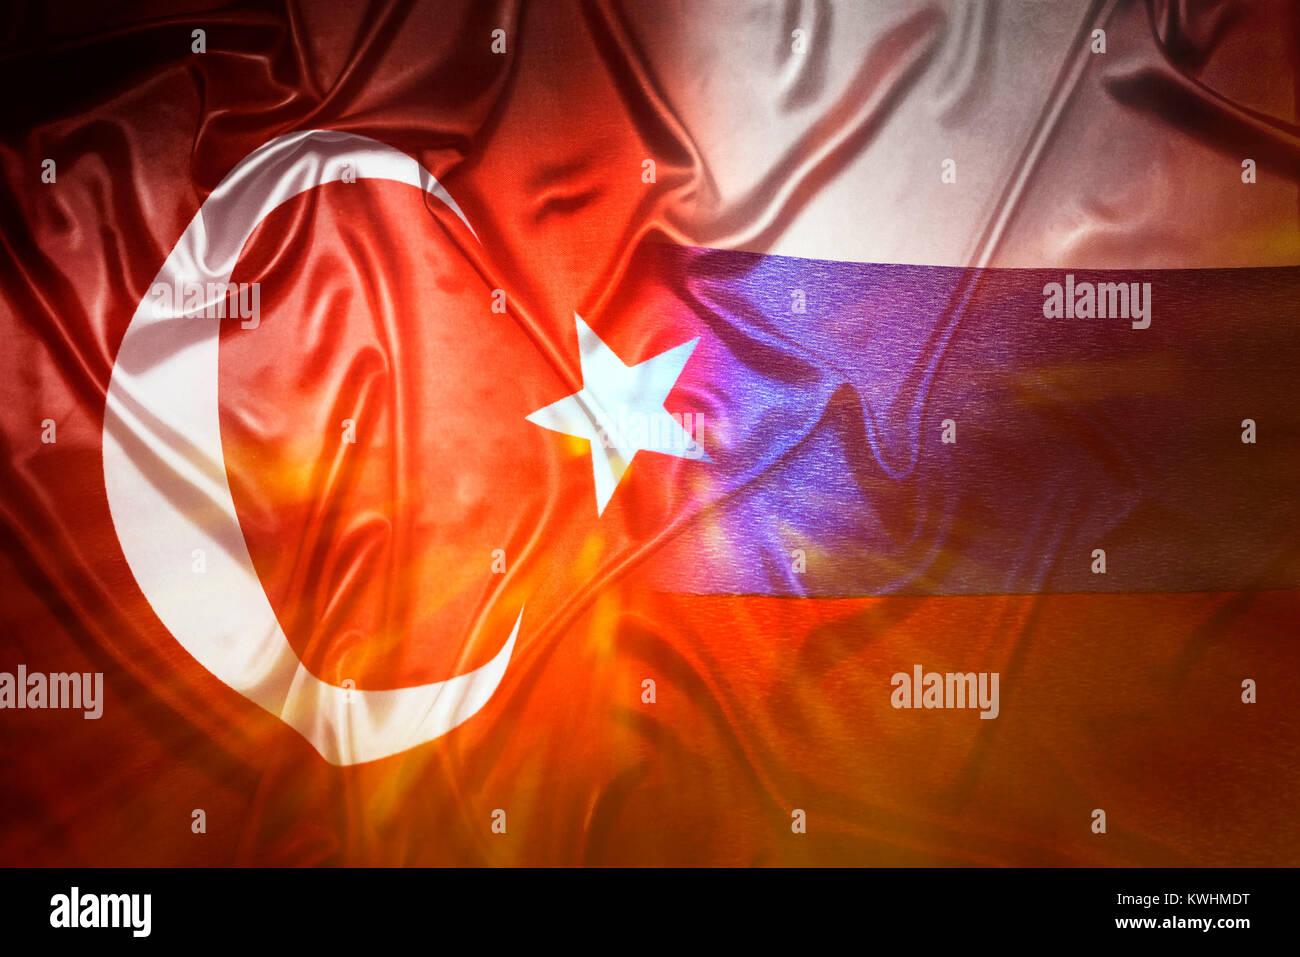 Flags of Turkey and Russia, Fahnen von Tuerkei und Russland Stock Photo